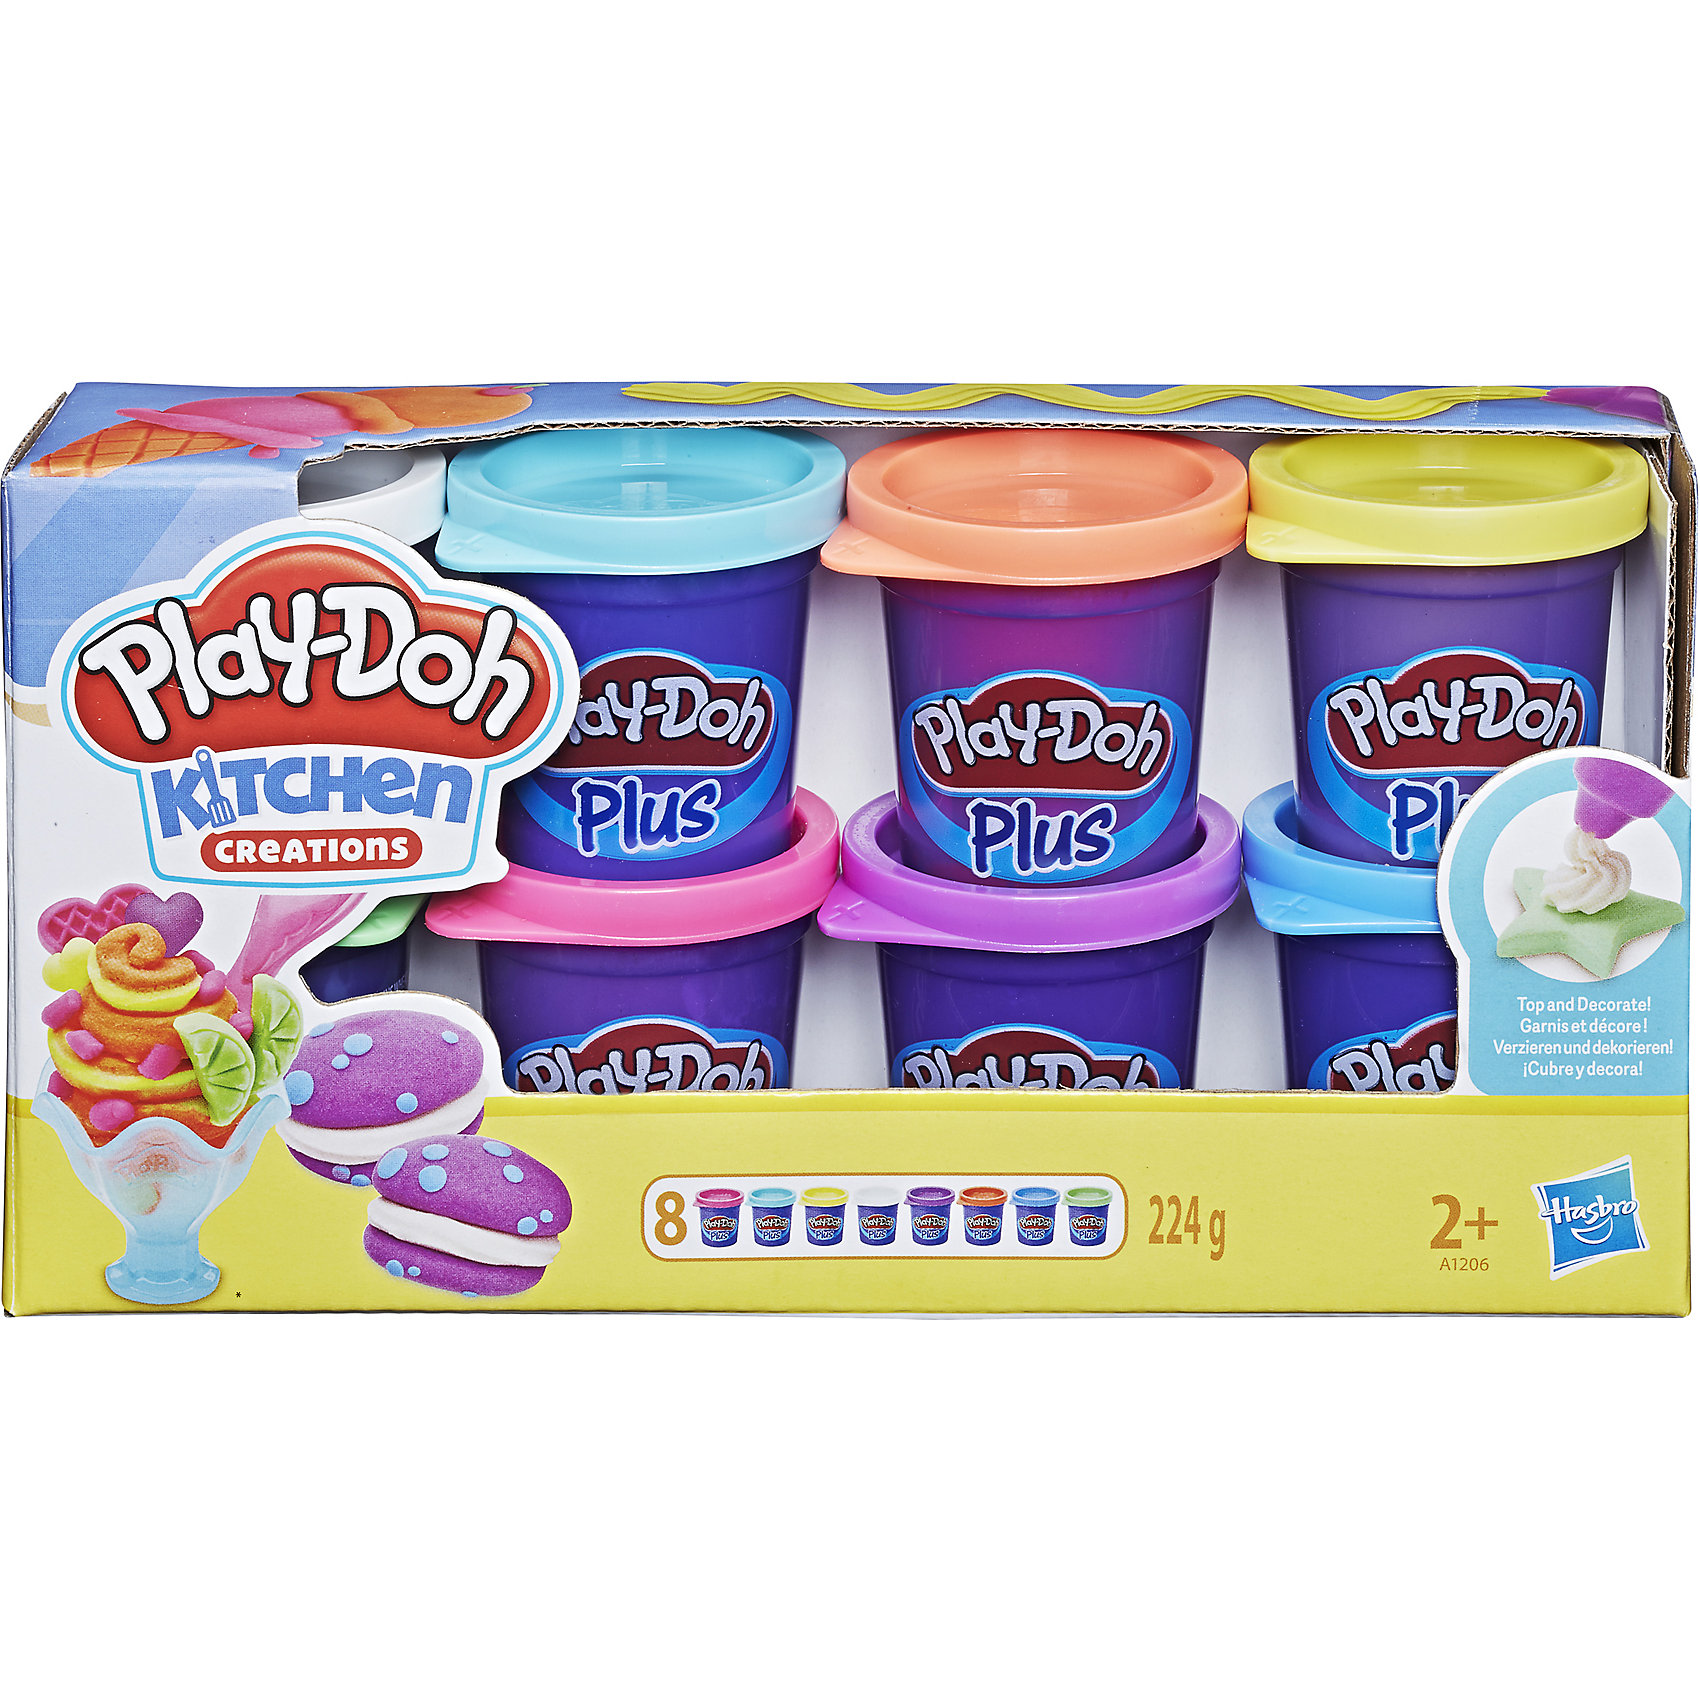 8 банок пластилина Play-Doh PLUSНаборы для лепки<br>Сенсация! При помощи нового пластилина Play-Doh PLUS (в синей баночке) Вы сможете слепить даже самые маленькие детали для Ваших шедевров! Тортики с розочками, мороженое и пирожные со всевозможными декоративными элементами, и это еще не предел.  Его структура более мягкая и приятная на ощупь. Имеет сладкий запах, но соленый на вкус!<br><br>Дополнительная информация:<br><br>-  в комплекте 8 банок Play-Doh ПЛЮС (зеленый, белый, светло-желтый, оранжевый, розовый, зеленый, фиолетовый, бирюзовый)<br>- Вес каждой банки: 28g <br>- Ультра-мягкая консистенция<br><br>8 банок пластилина Play-Doh PLUS можно купить в нашем магазине.<br><br>Ширина мм: 222<br>Глубина мм: 114<br>Высота мм: 60<br>Вес г: 371<br>Возраст от месяцев: 24<br>Возраст до месяцев: 60<br>Пол: Унисекс<br>Возраст: Детский<br>SKU: 2808038